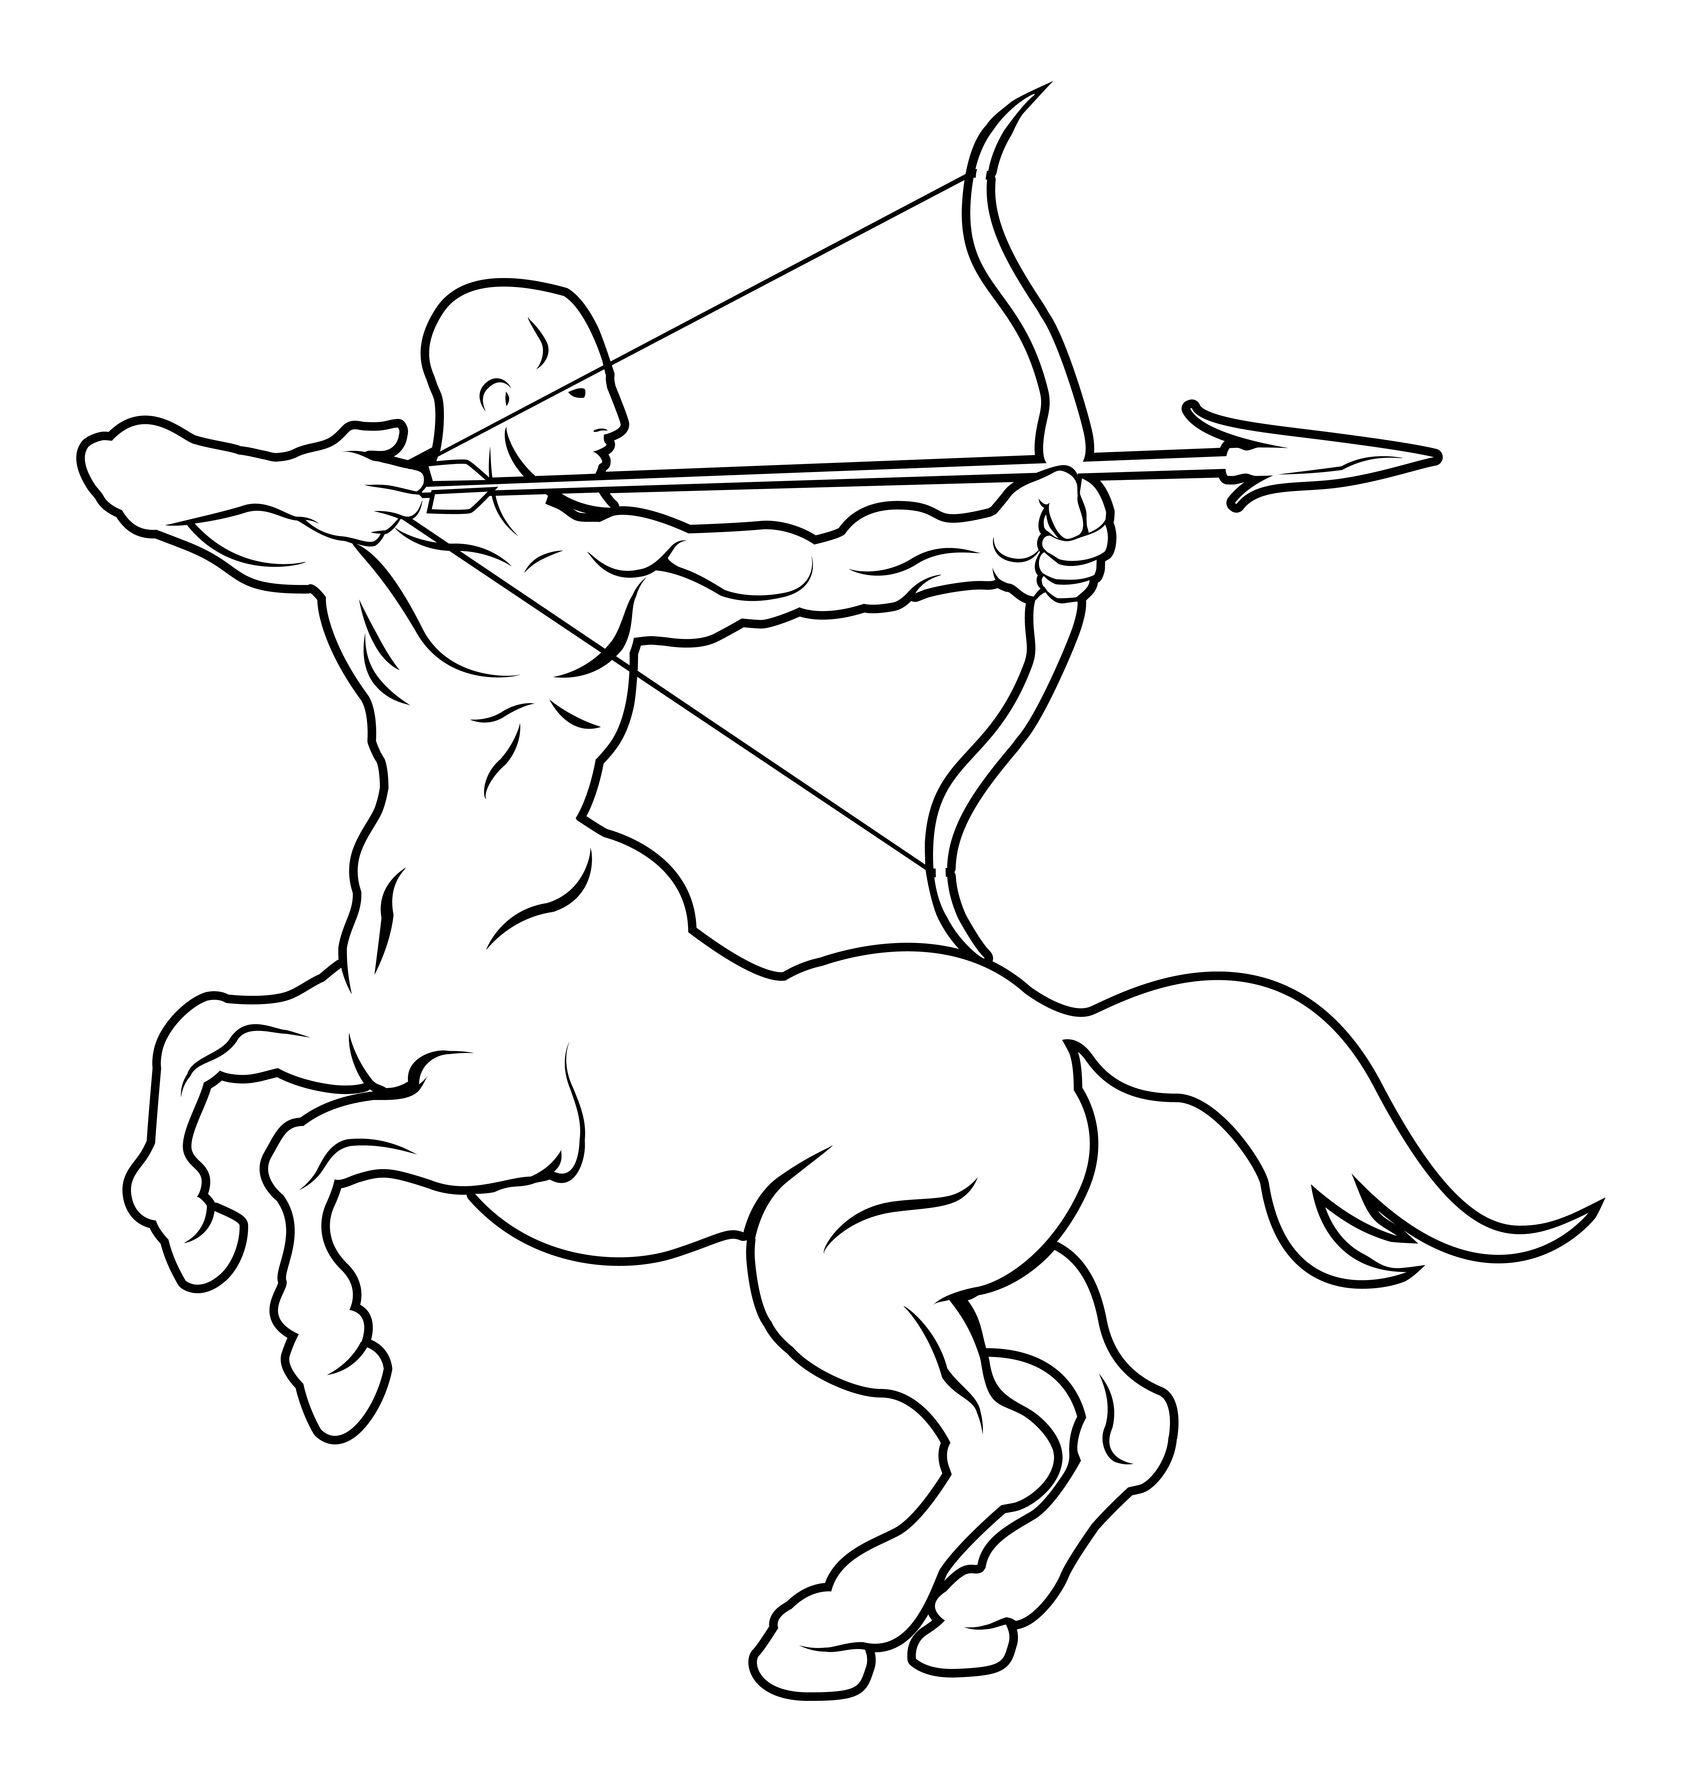 Outline Sagittarius Tattoo Design